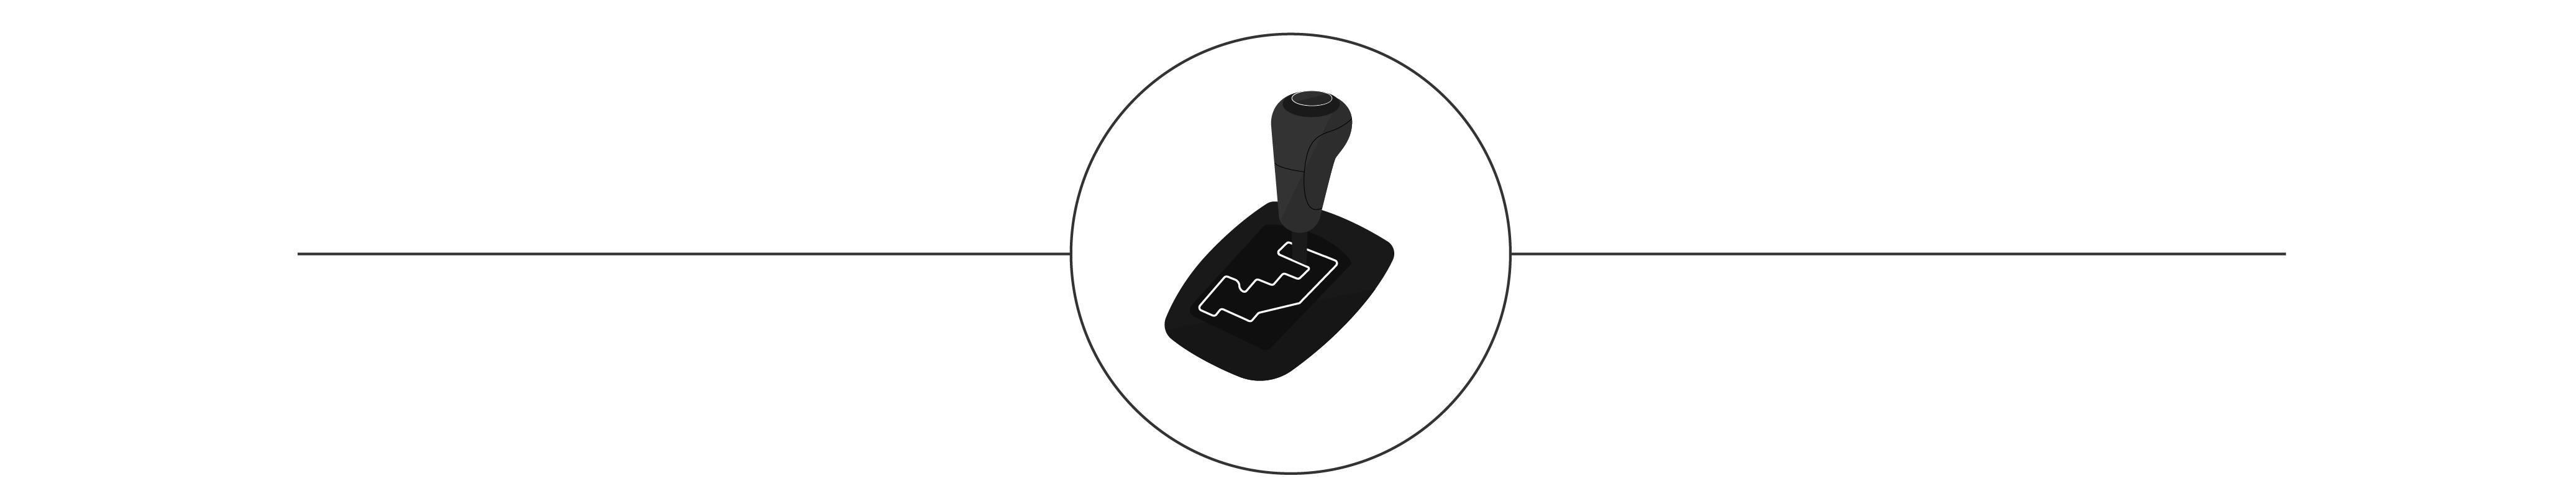 схема моторного отсека гольф 5 1.6